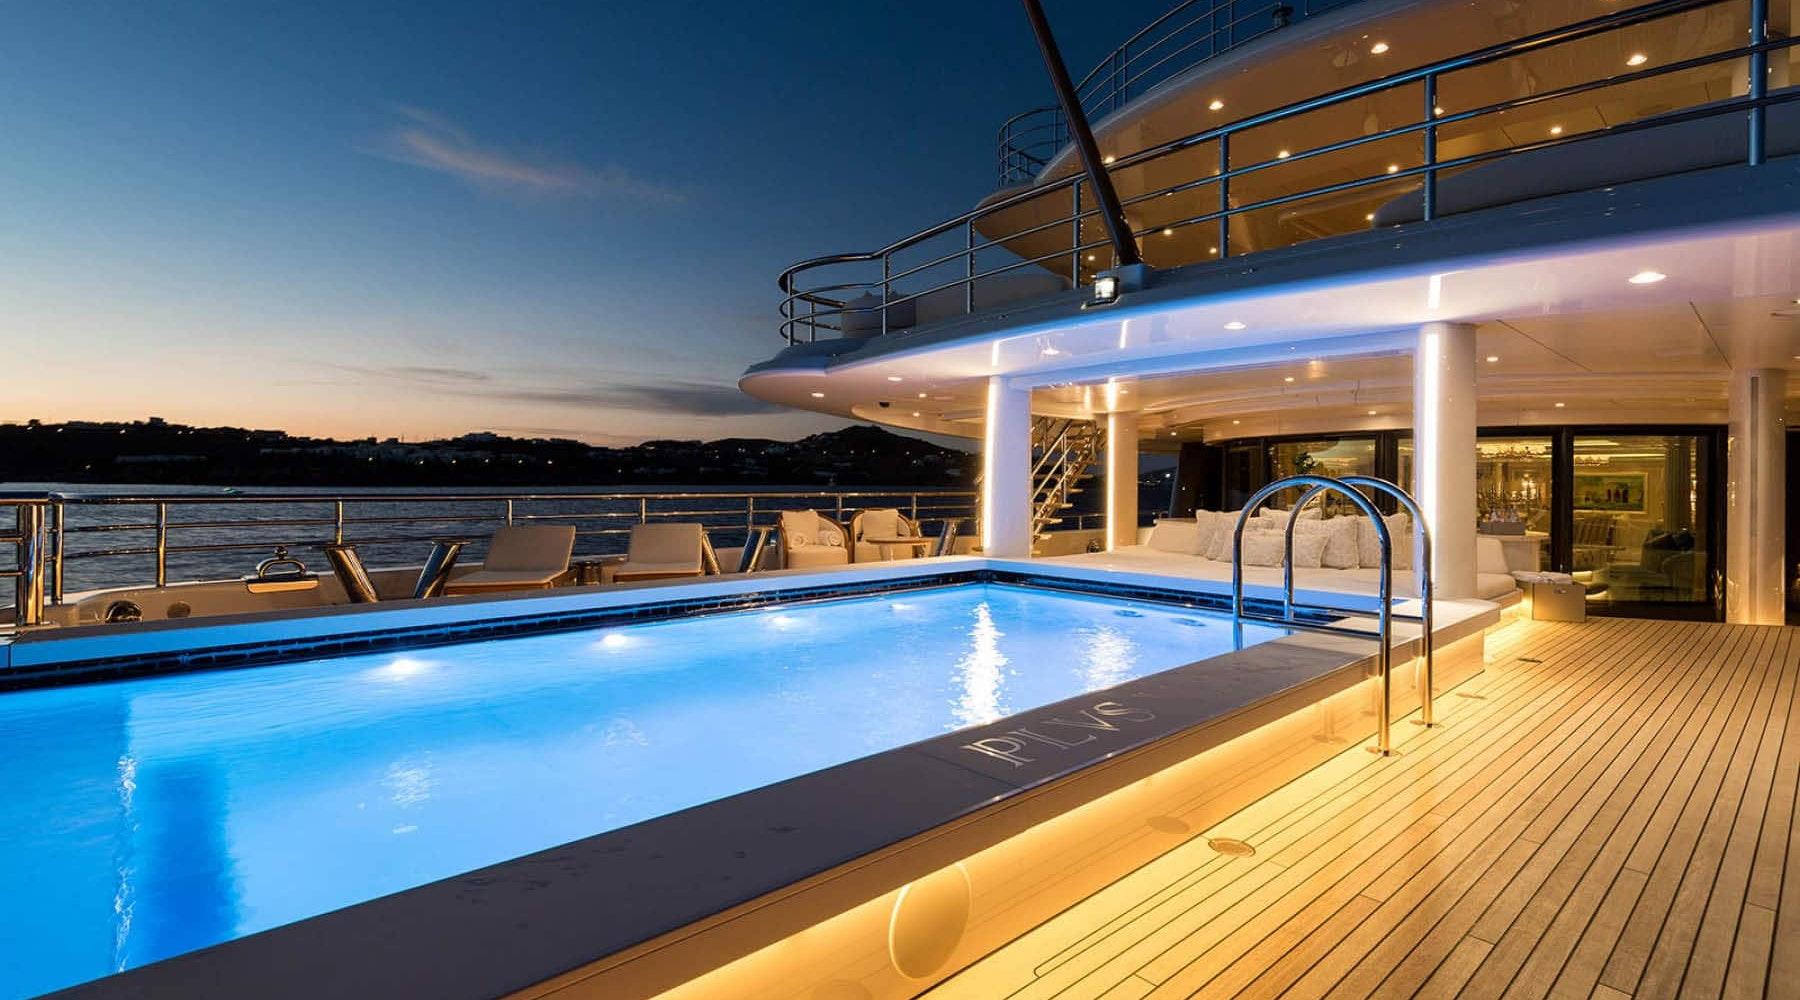 Redna Yachts Plvs-3